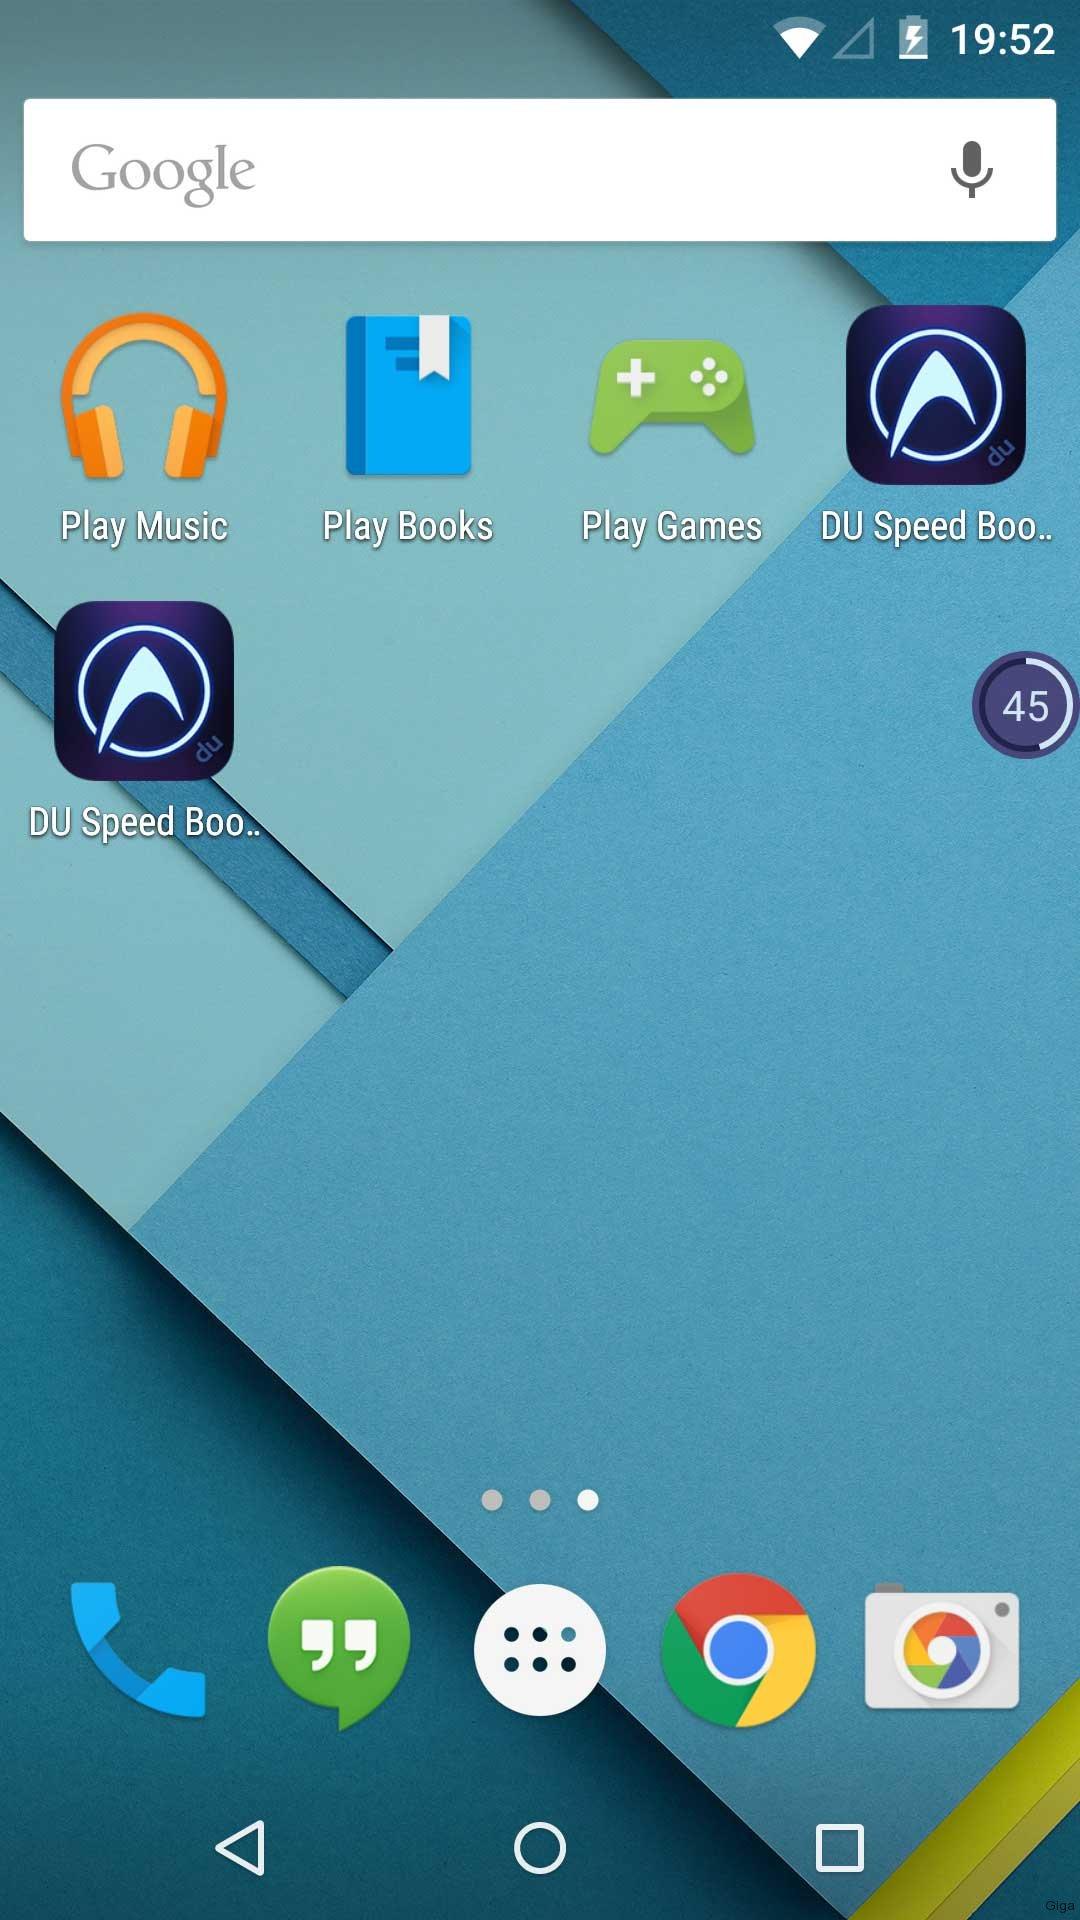 Du Speed Booster Optimierungs Und Bereinigungs Tool Fur Android Giga